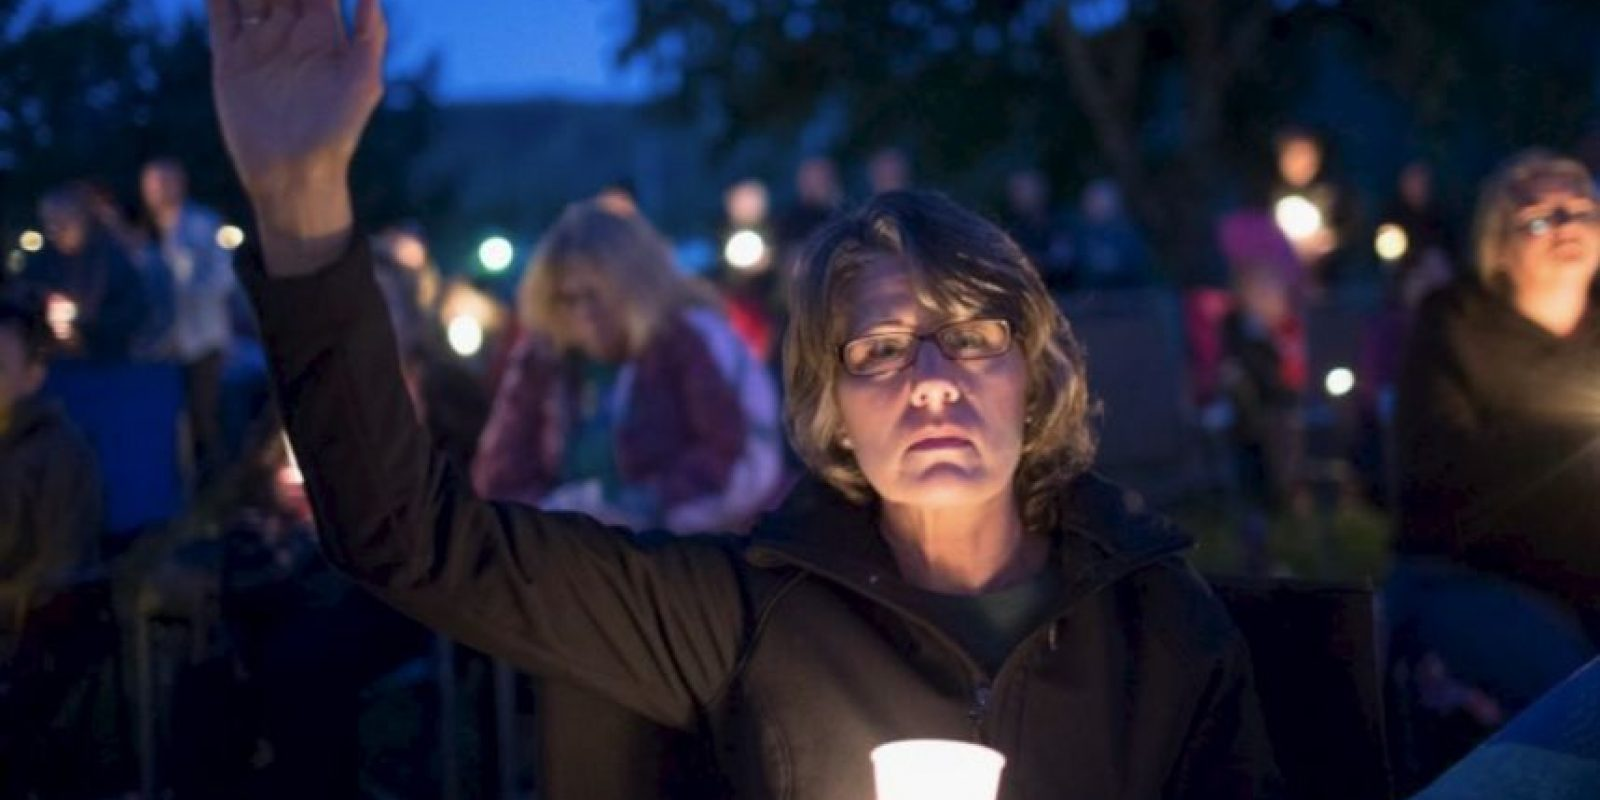 Las 8 peores balaceras de este año en Estados Unidos Foto:AFP